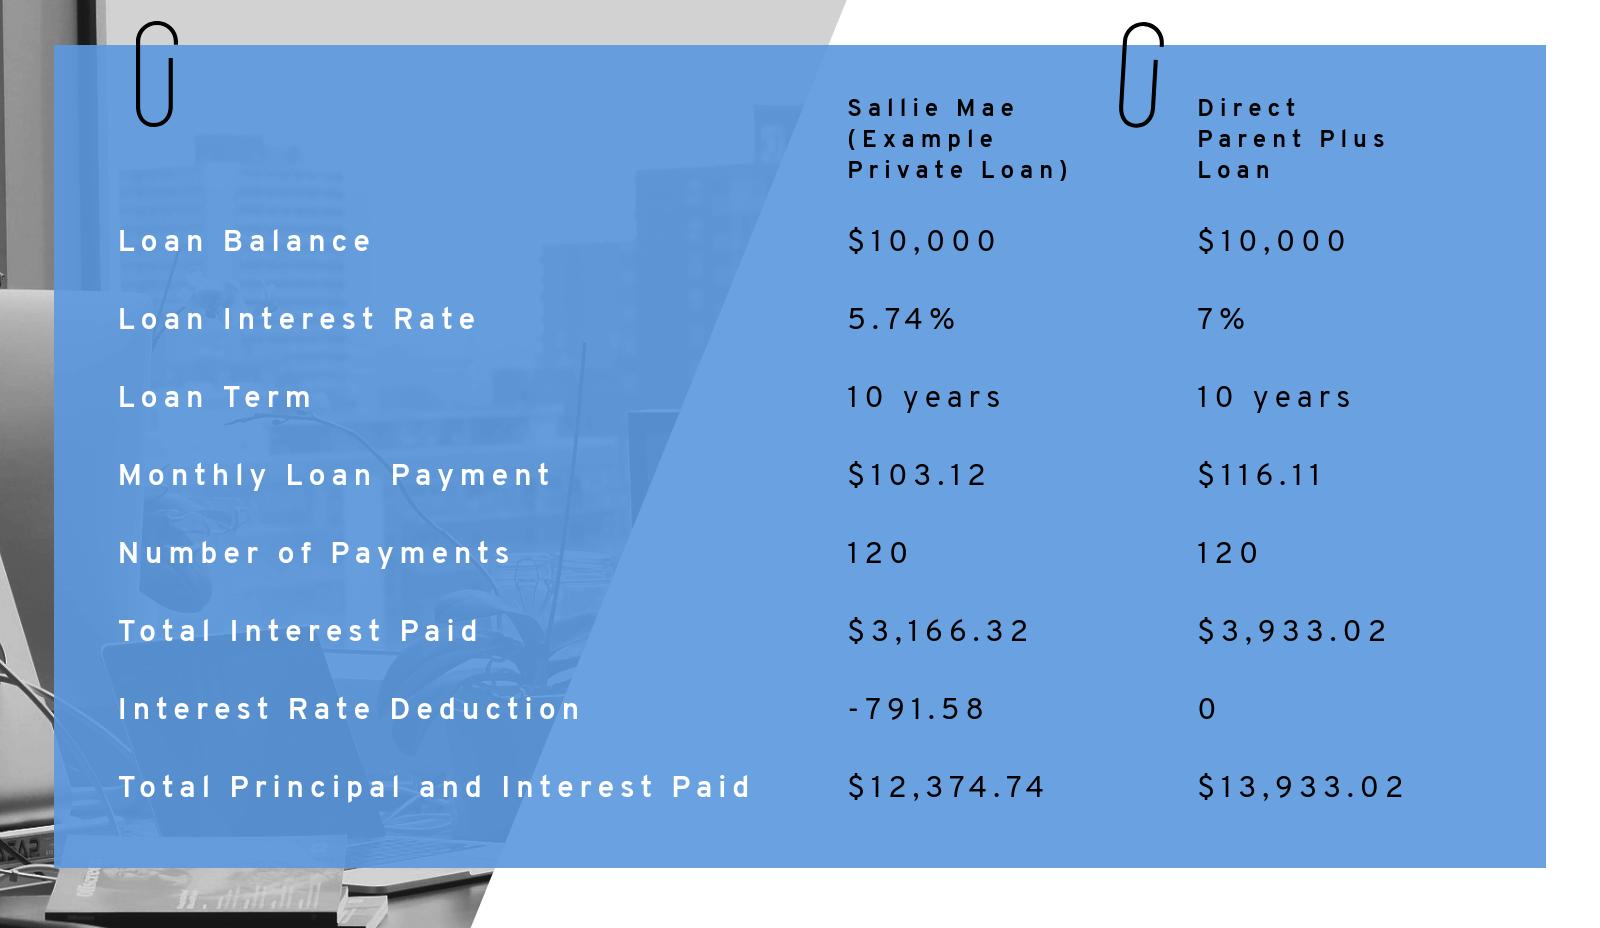 The Parent PLUS Loan Comparison